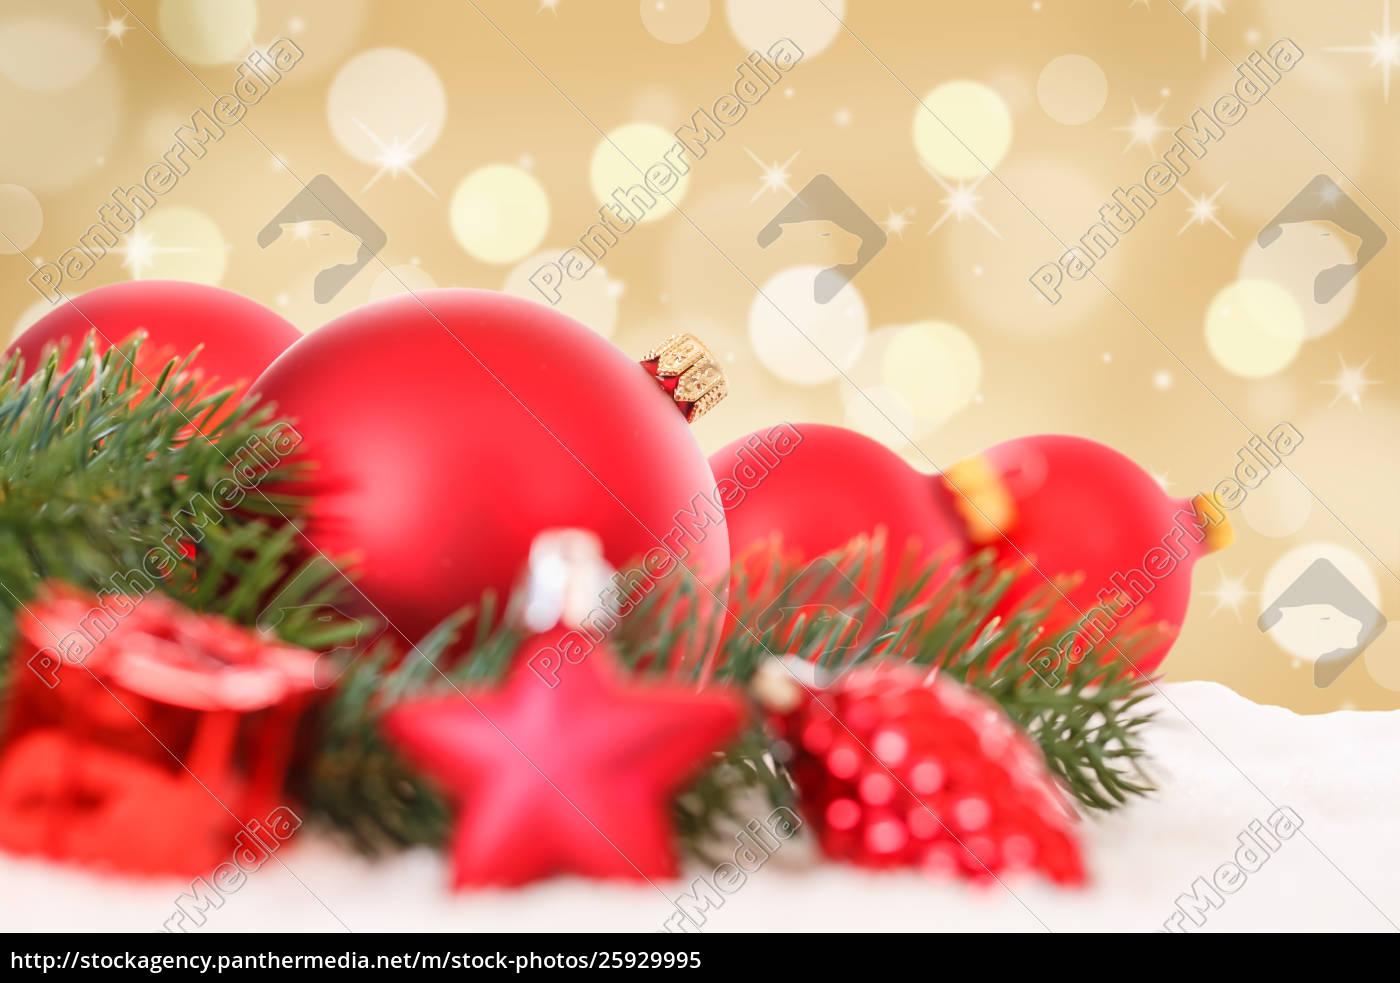 Goldene Weihnachtskugeln.Lizenzfreies Bild 25929995 Weihnachtskugeln Rot Goldene Dekoration Kugeln Schnee Copyspace